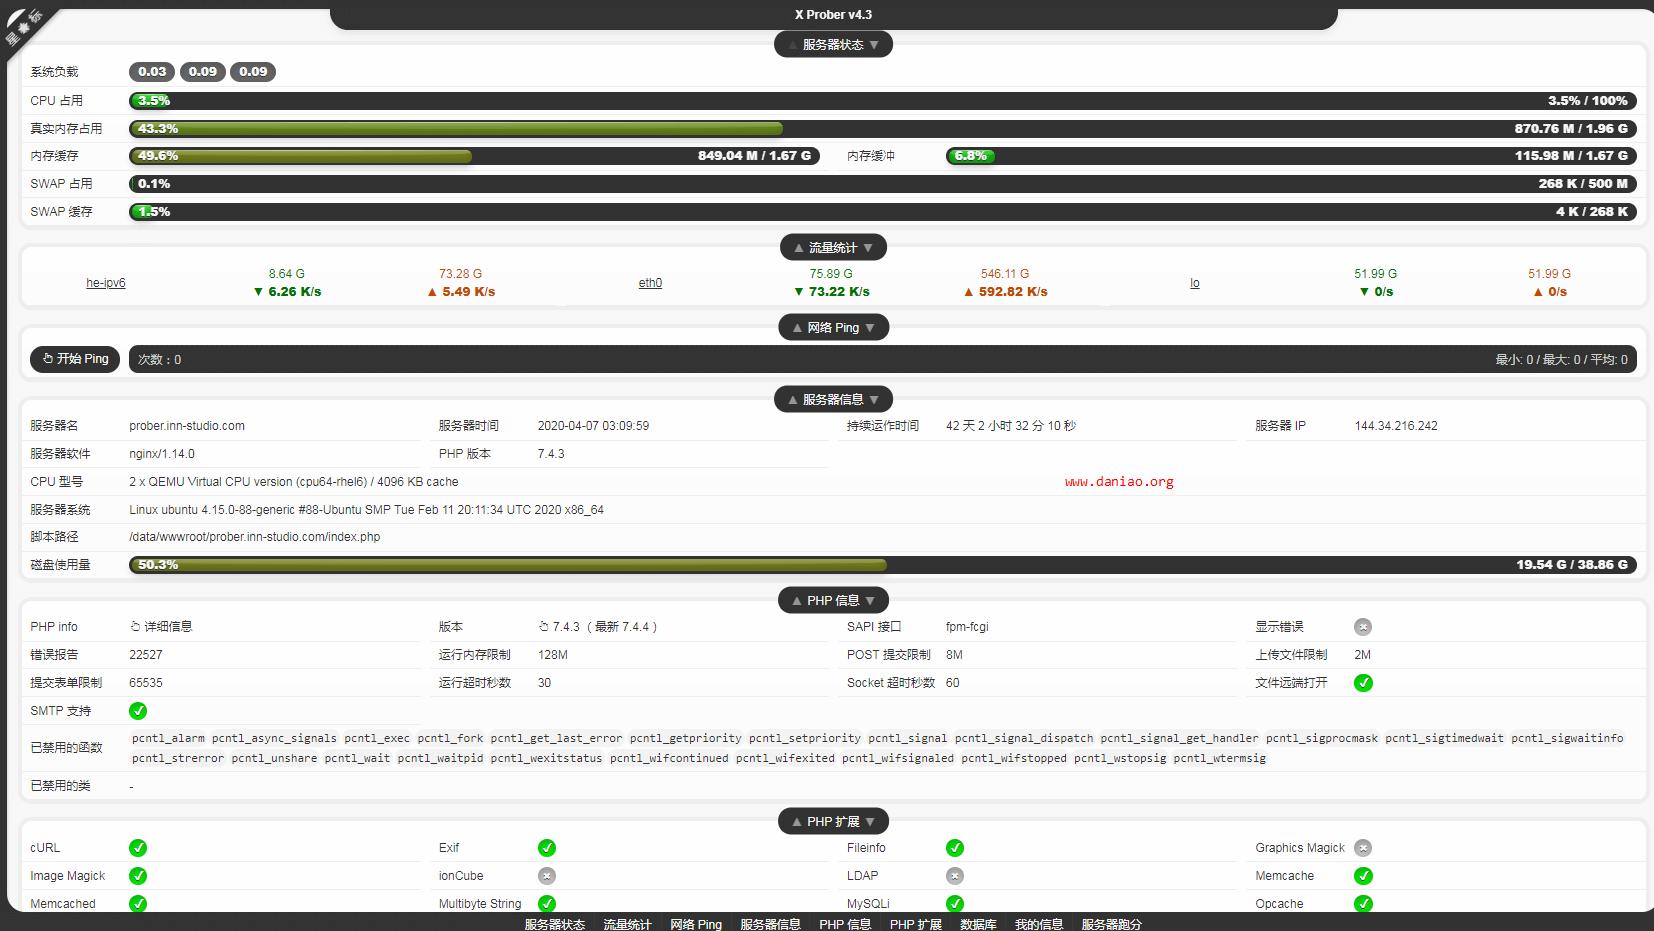 宝塔面板安装x-prober - 一款精美的 PHP 探針, 又名X探針、劉海探針